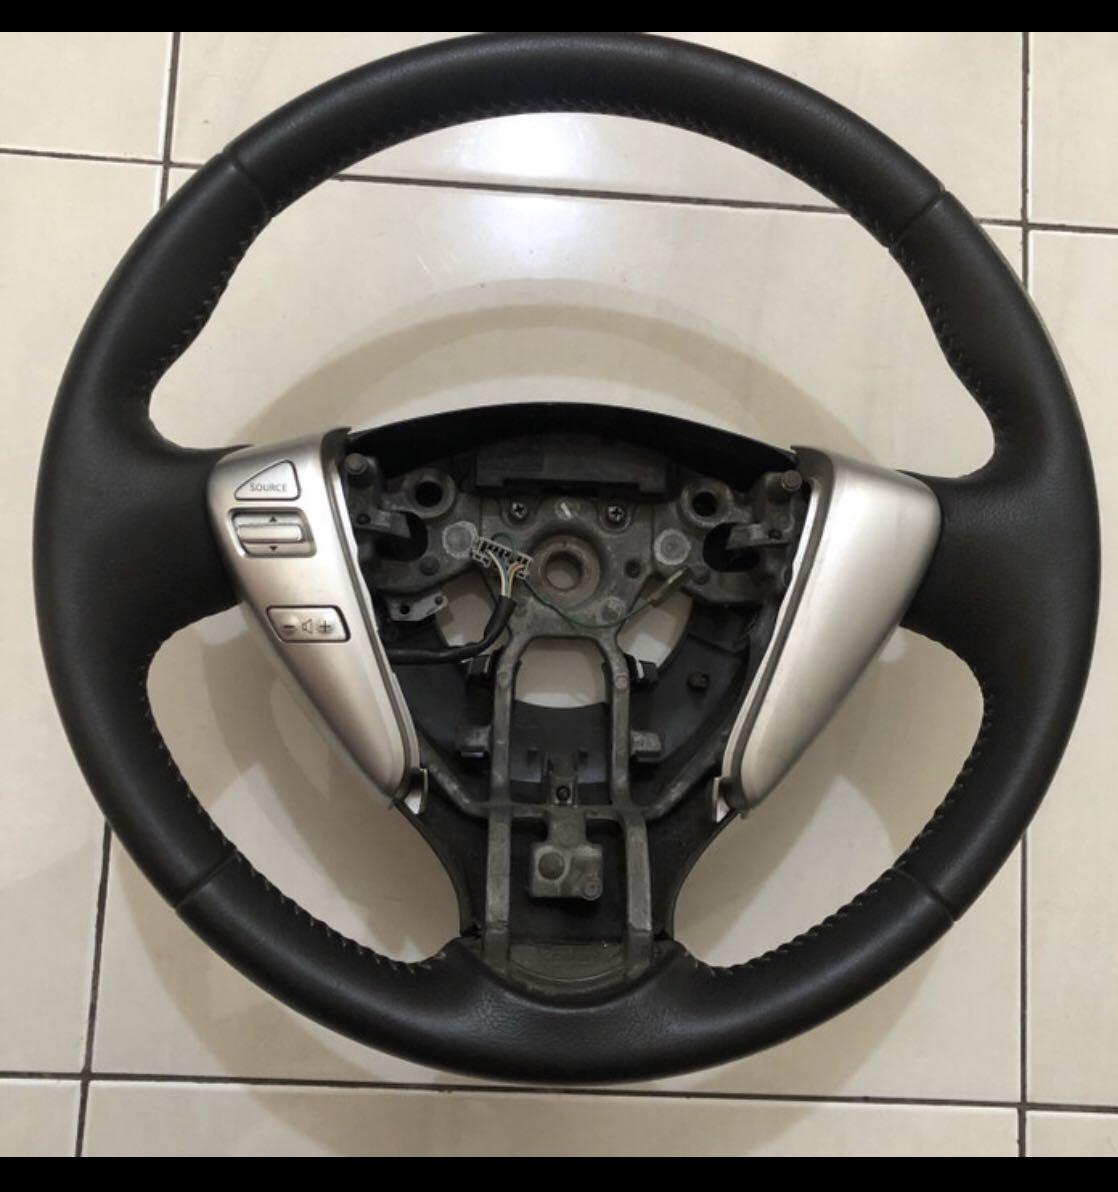 Jual Stir mobil Nissan Grand Livina L11, Serena C26, x-trail T31